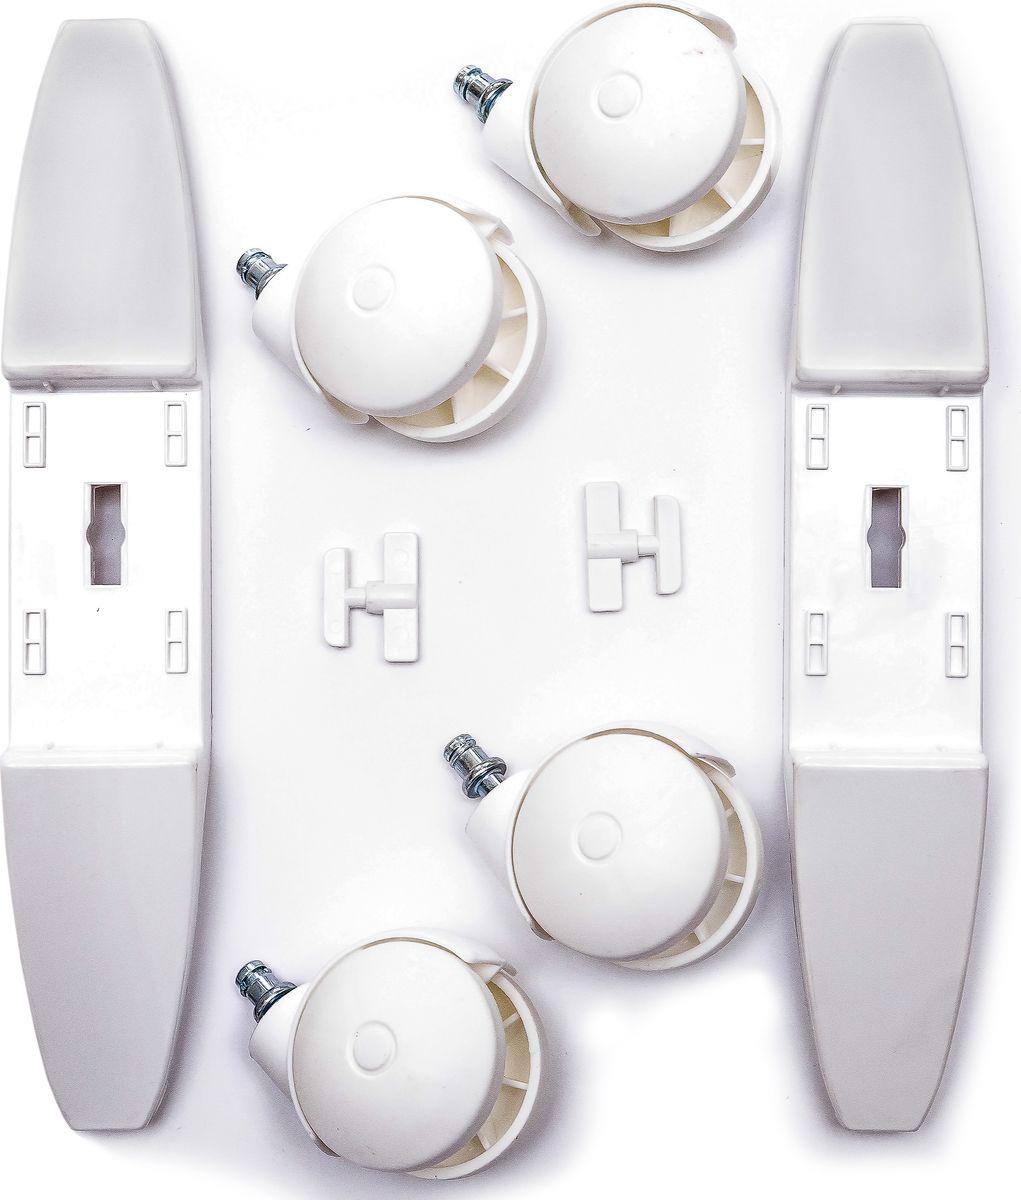 Noirotножки для электрических конвекторов, White 2 шт Noirot